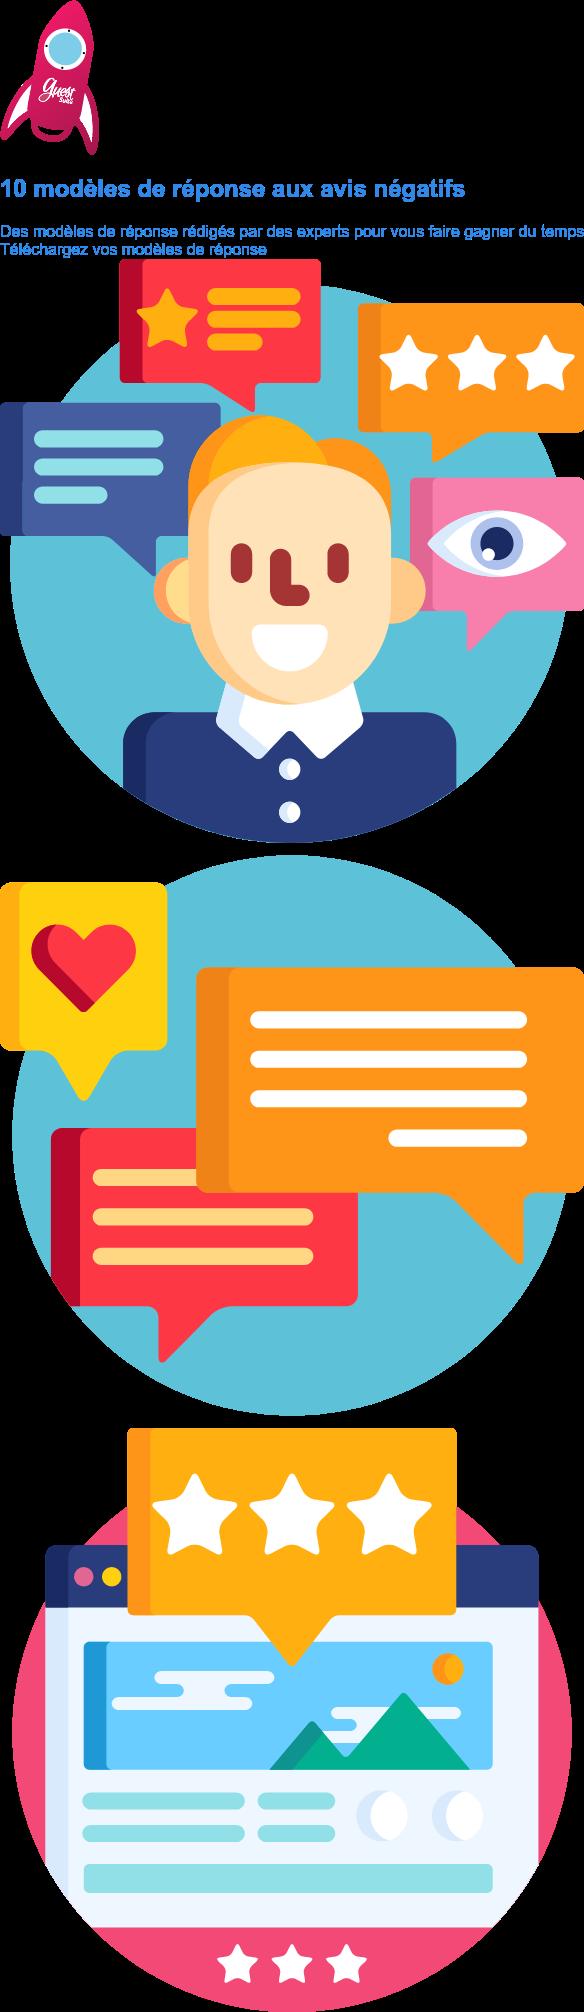 10 modèles de réponses aux avis négatifs  Téléchargez gratuitement des modèles de réponses rédigés par des experts Je télécharge mes modèles